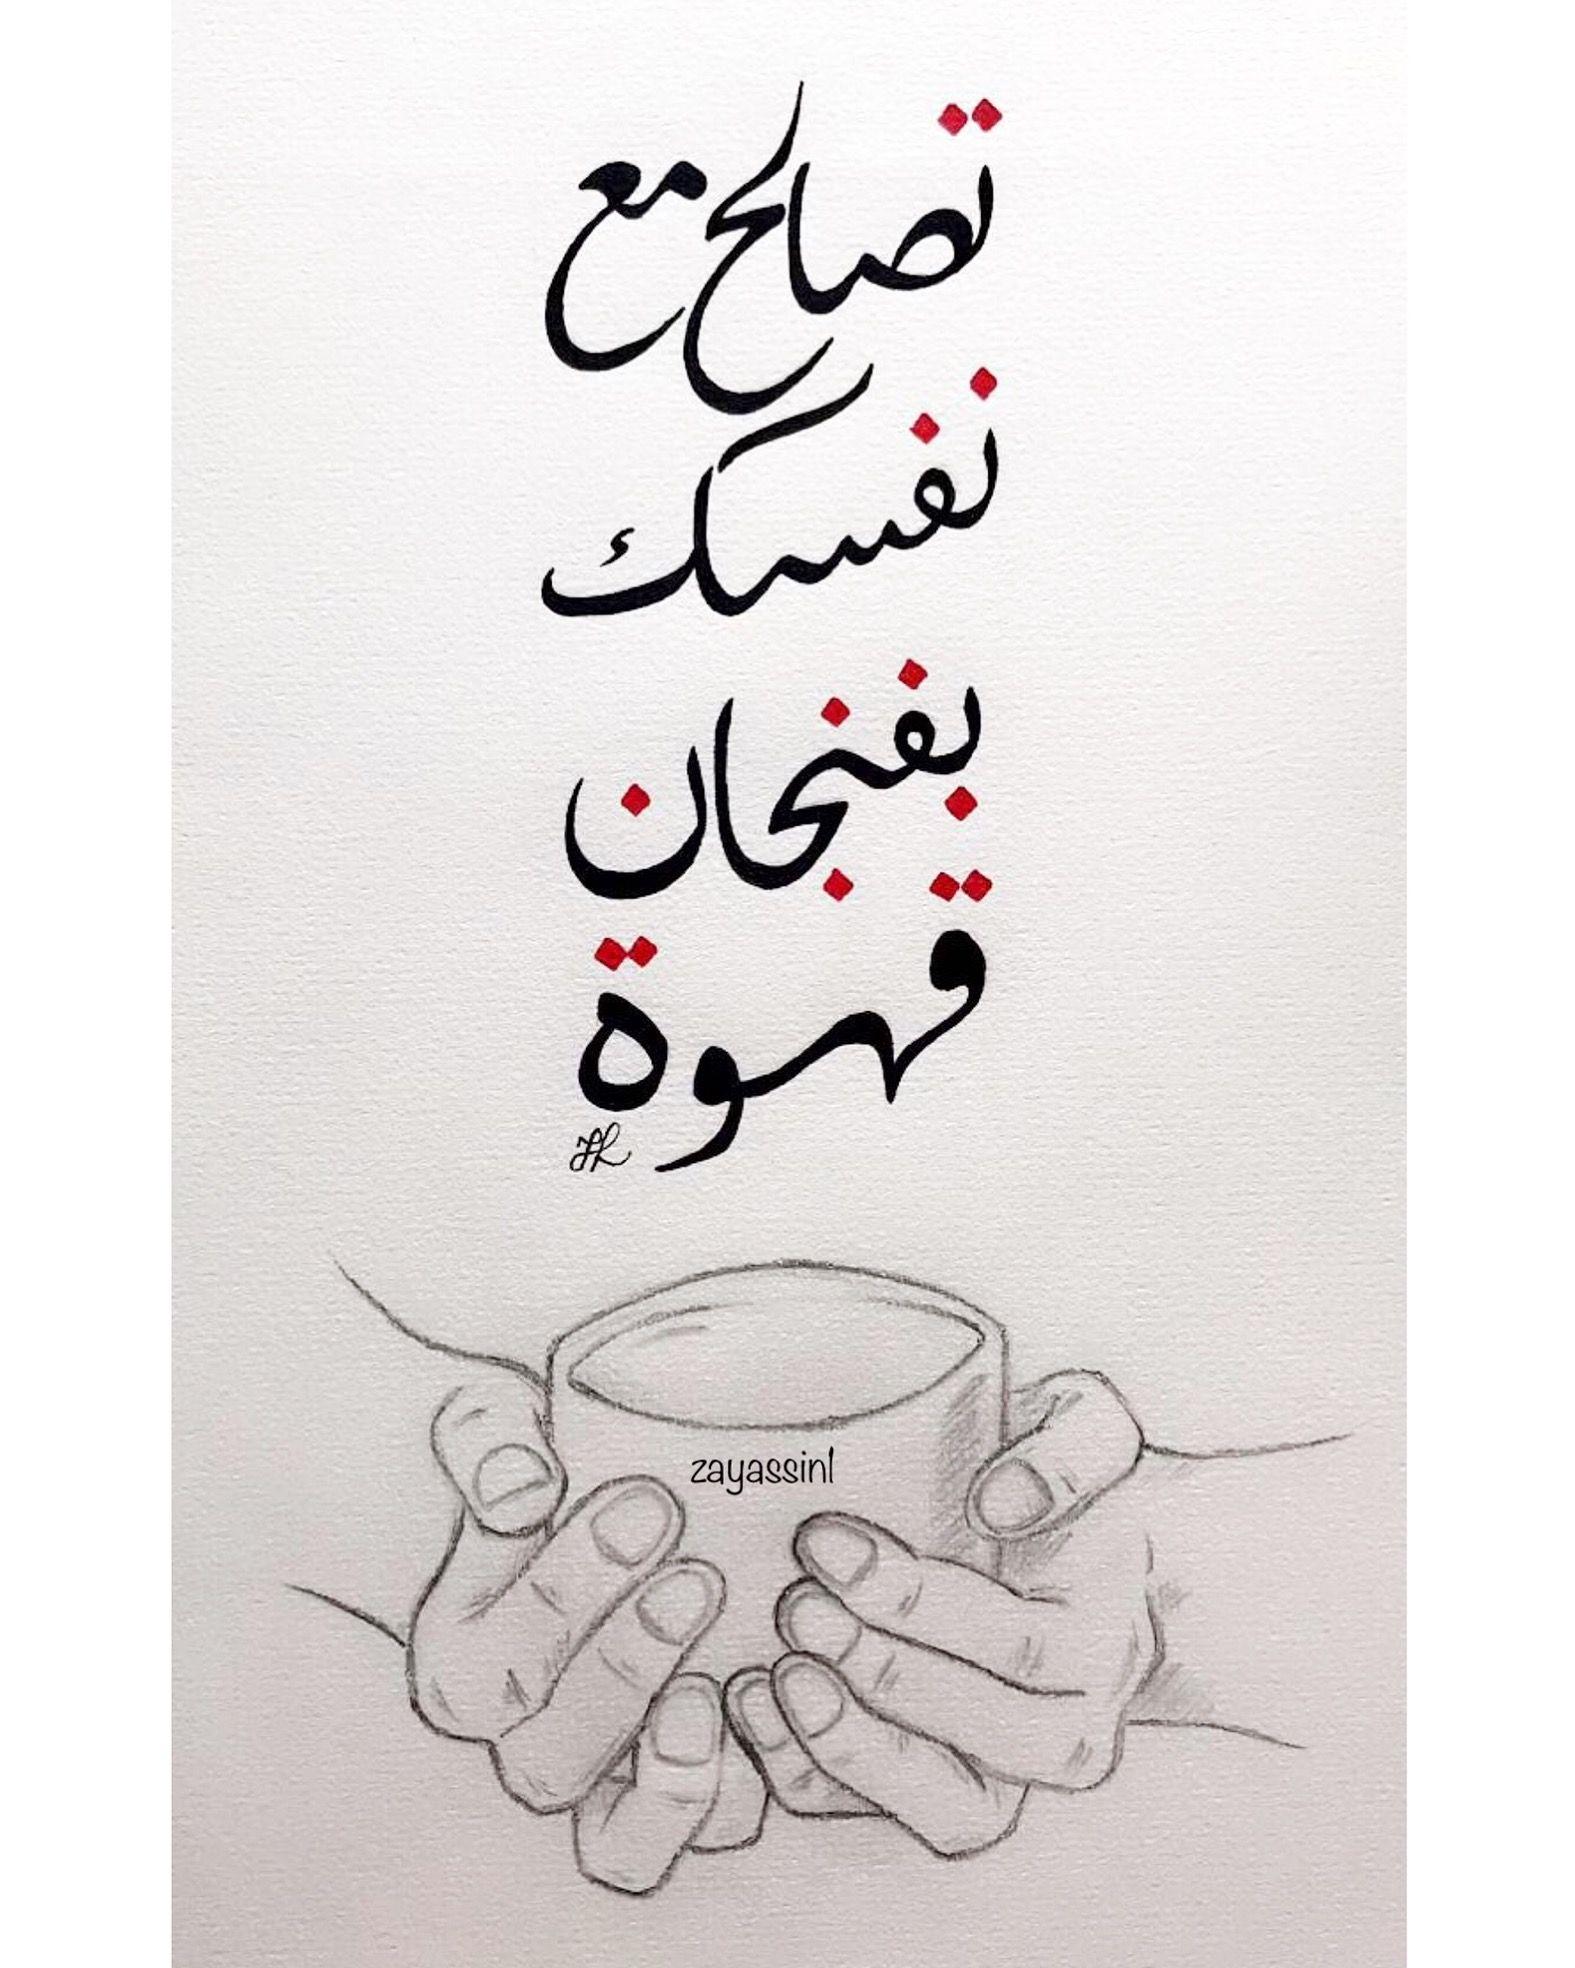 وكيف أخبرك بأنك الشي الوحيد الذي أحمله بداخلي ولا أريد أن ينتهي Black And White Doodle Doodle Coloring Arabic Art